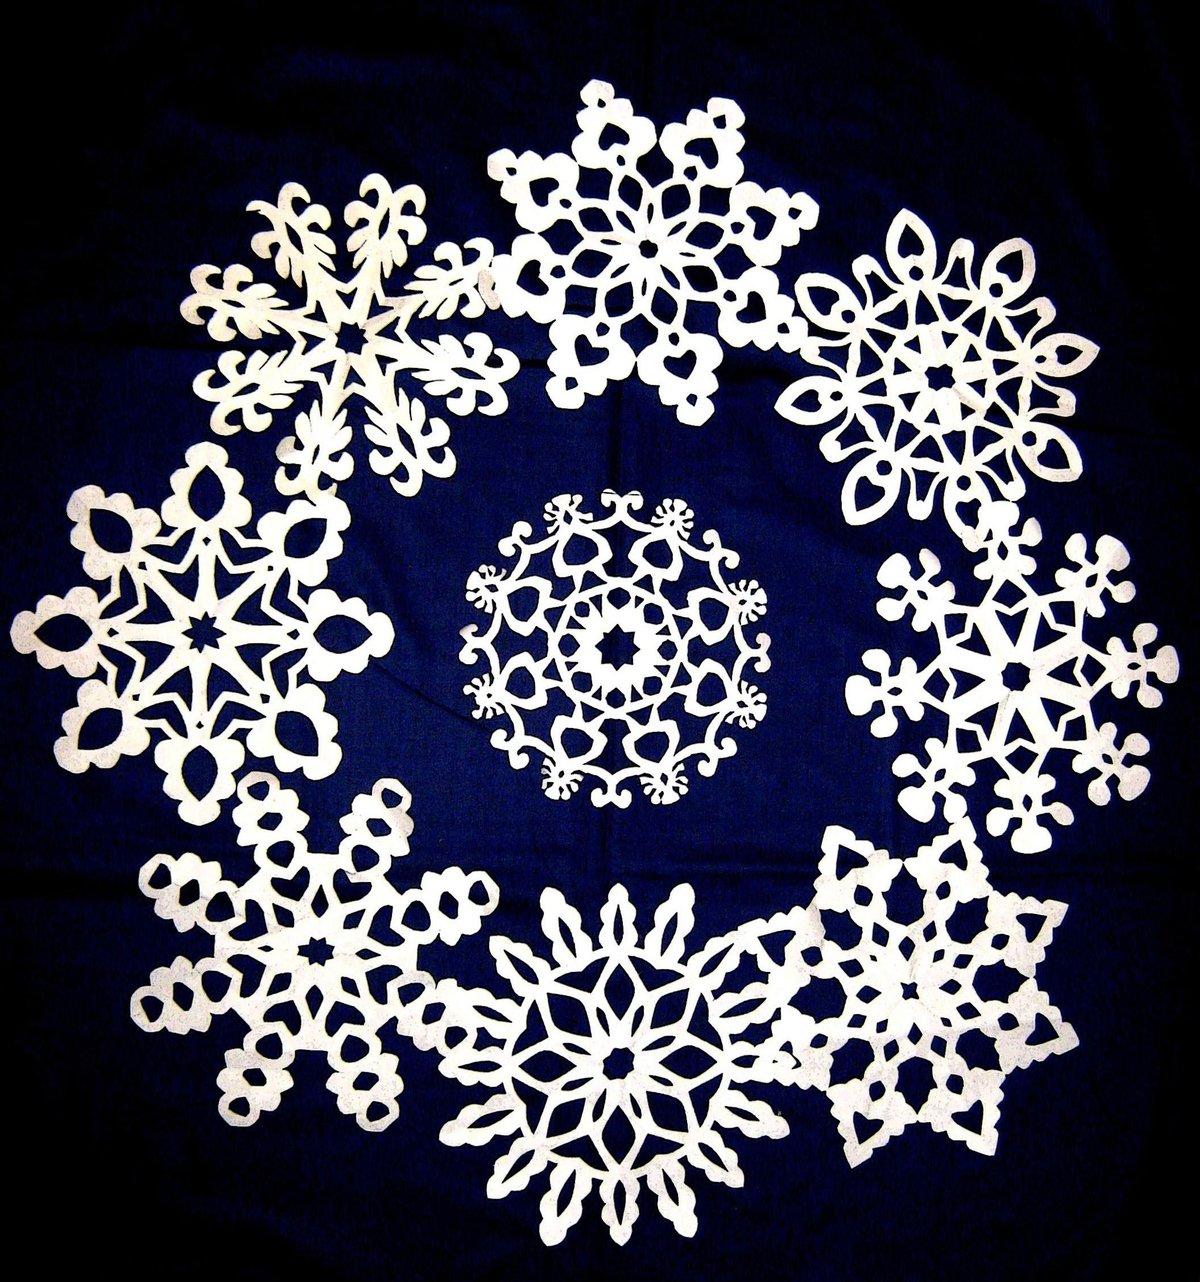 красивые картинки снежинок к новому году одним